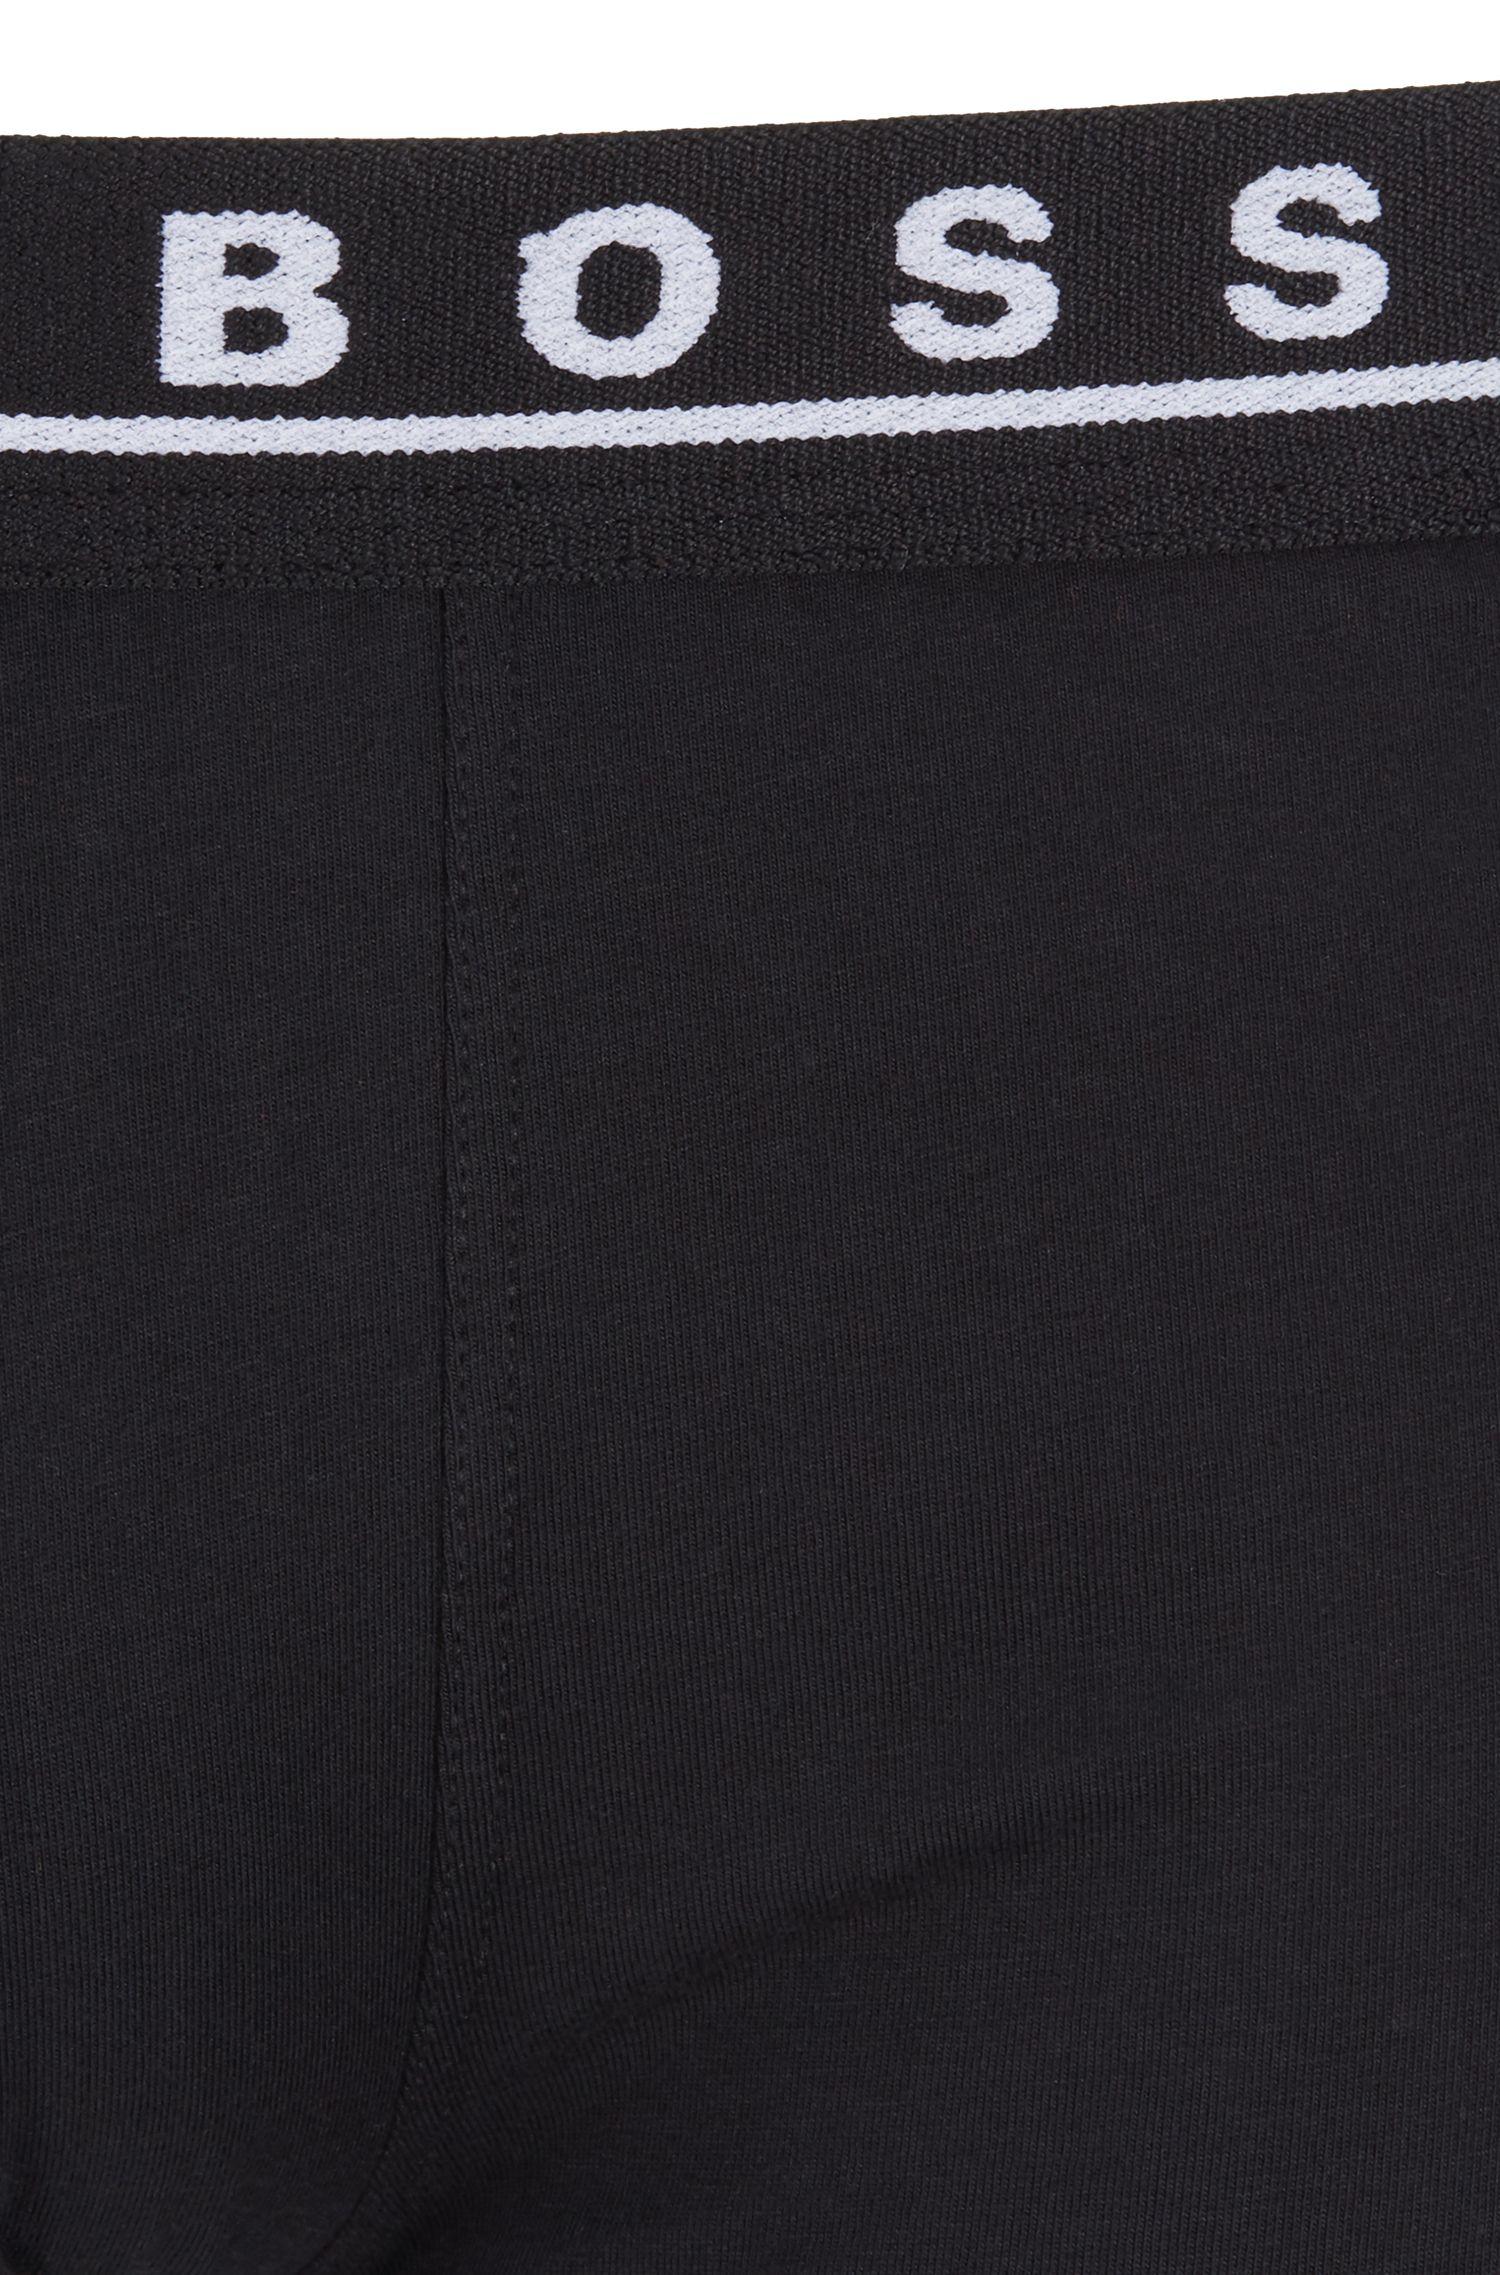 Lot de trois boxers courts en coton stretch, avec taille colorée, Fantaisie